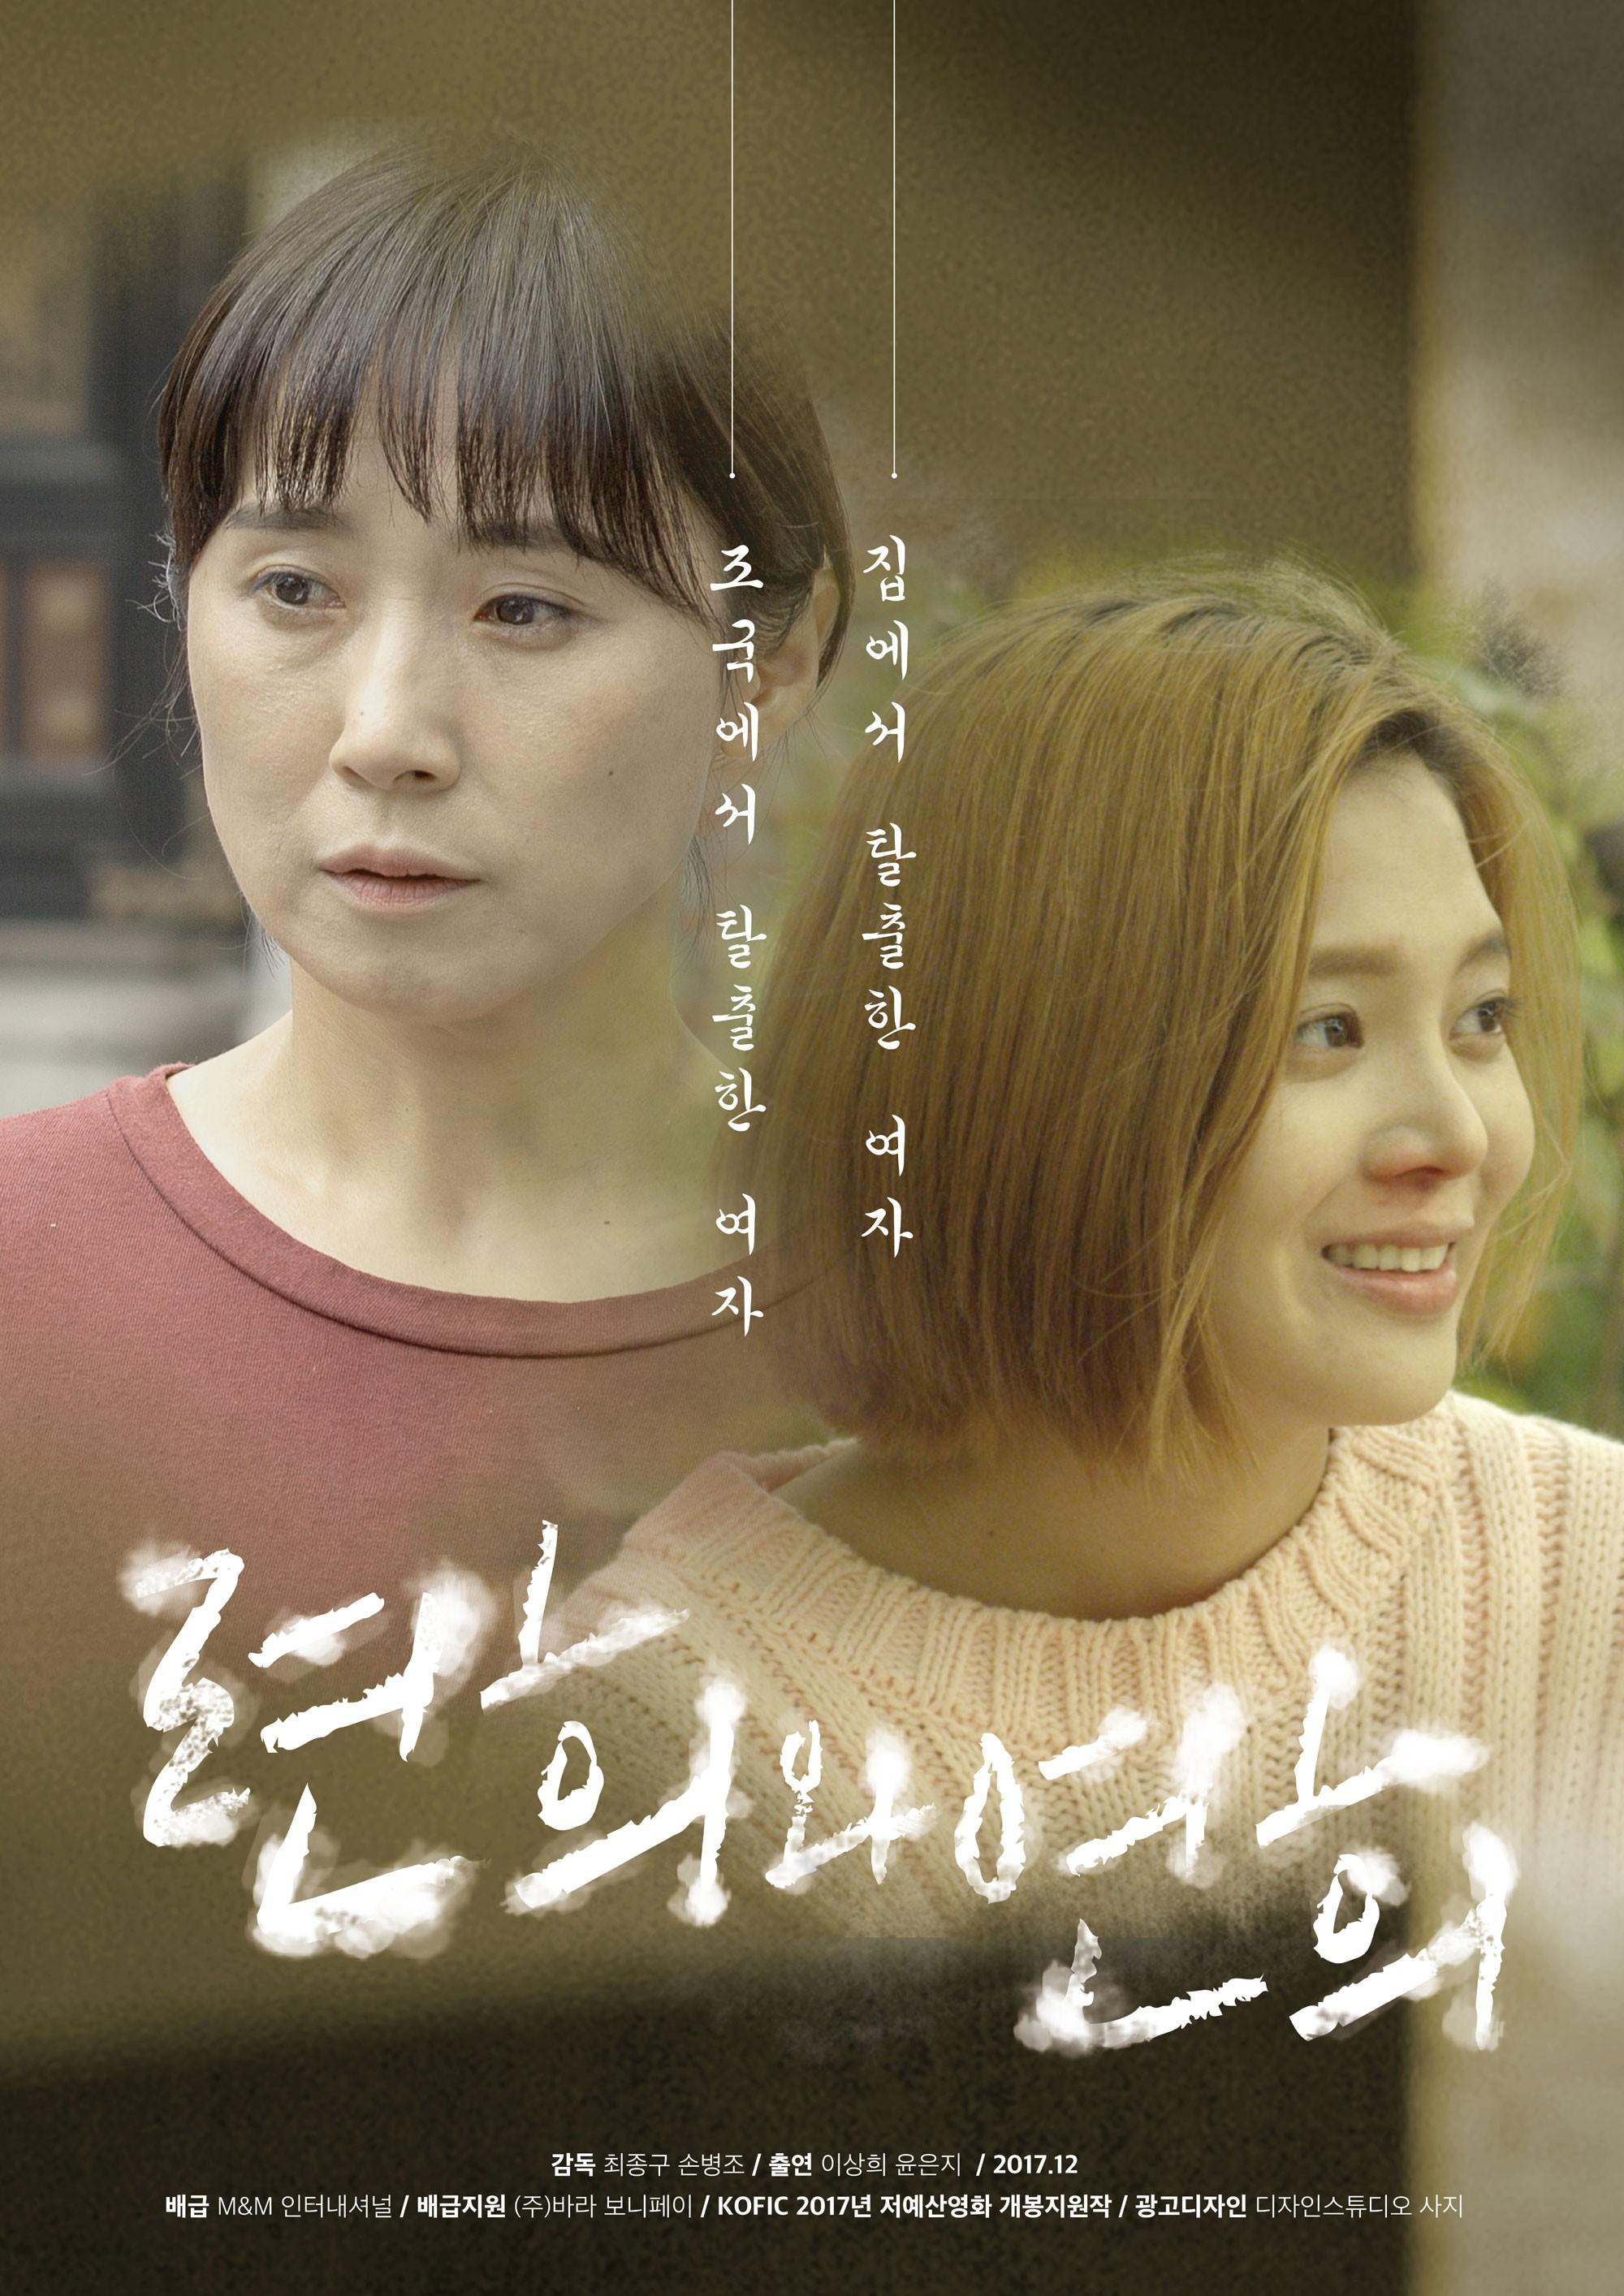 Đừng bỏ lỡ 7 phim điện ảnh Hàn đặc sắc khép lại năm 2017! - Ảnh 11.